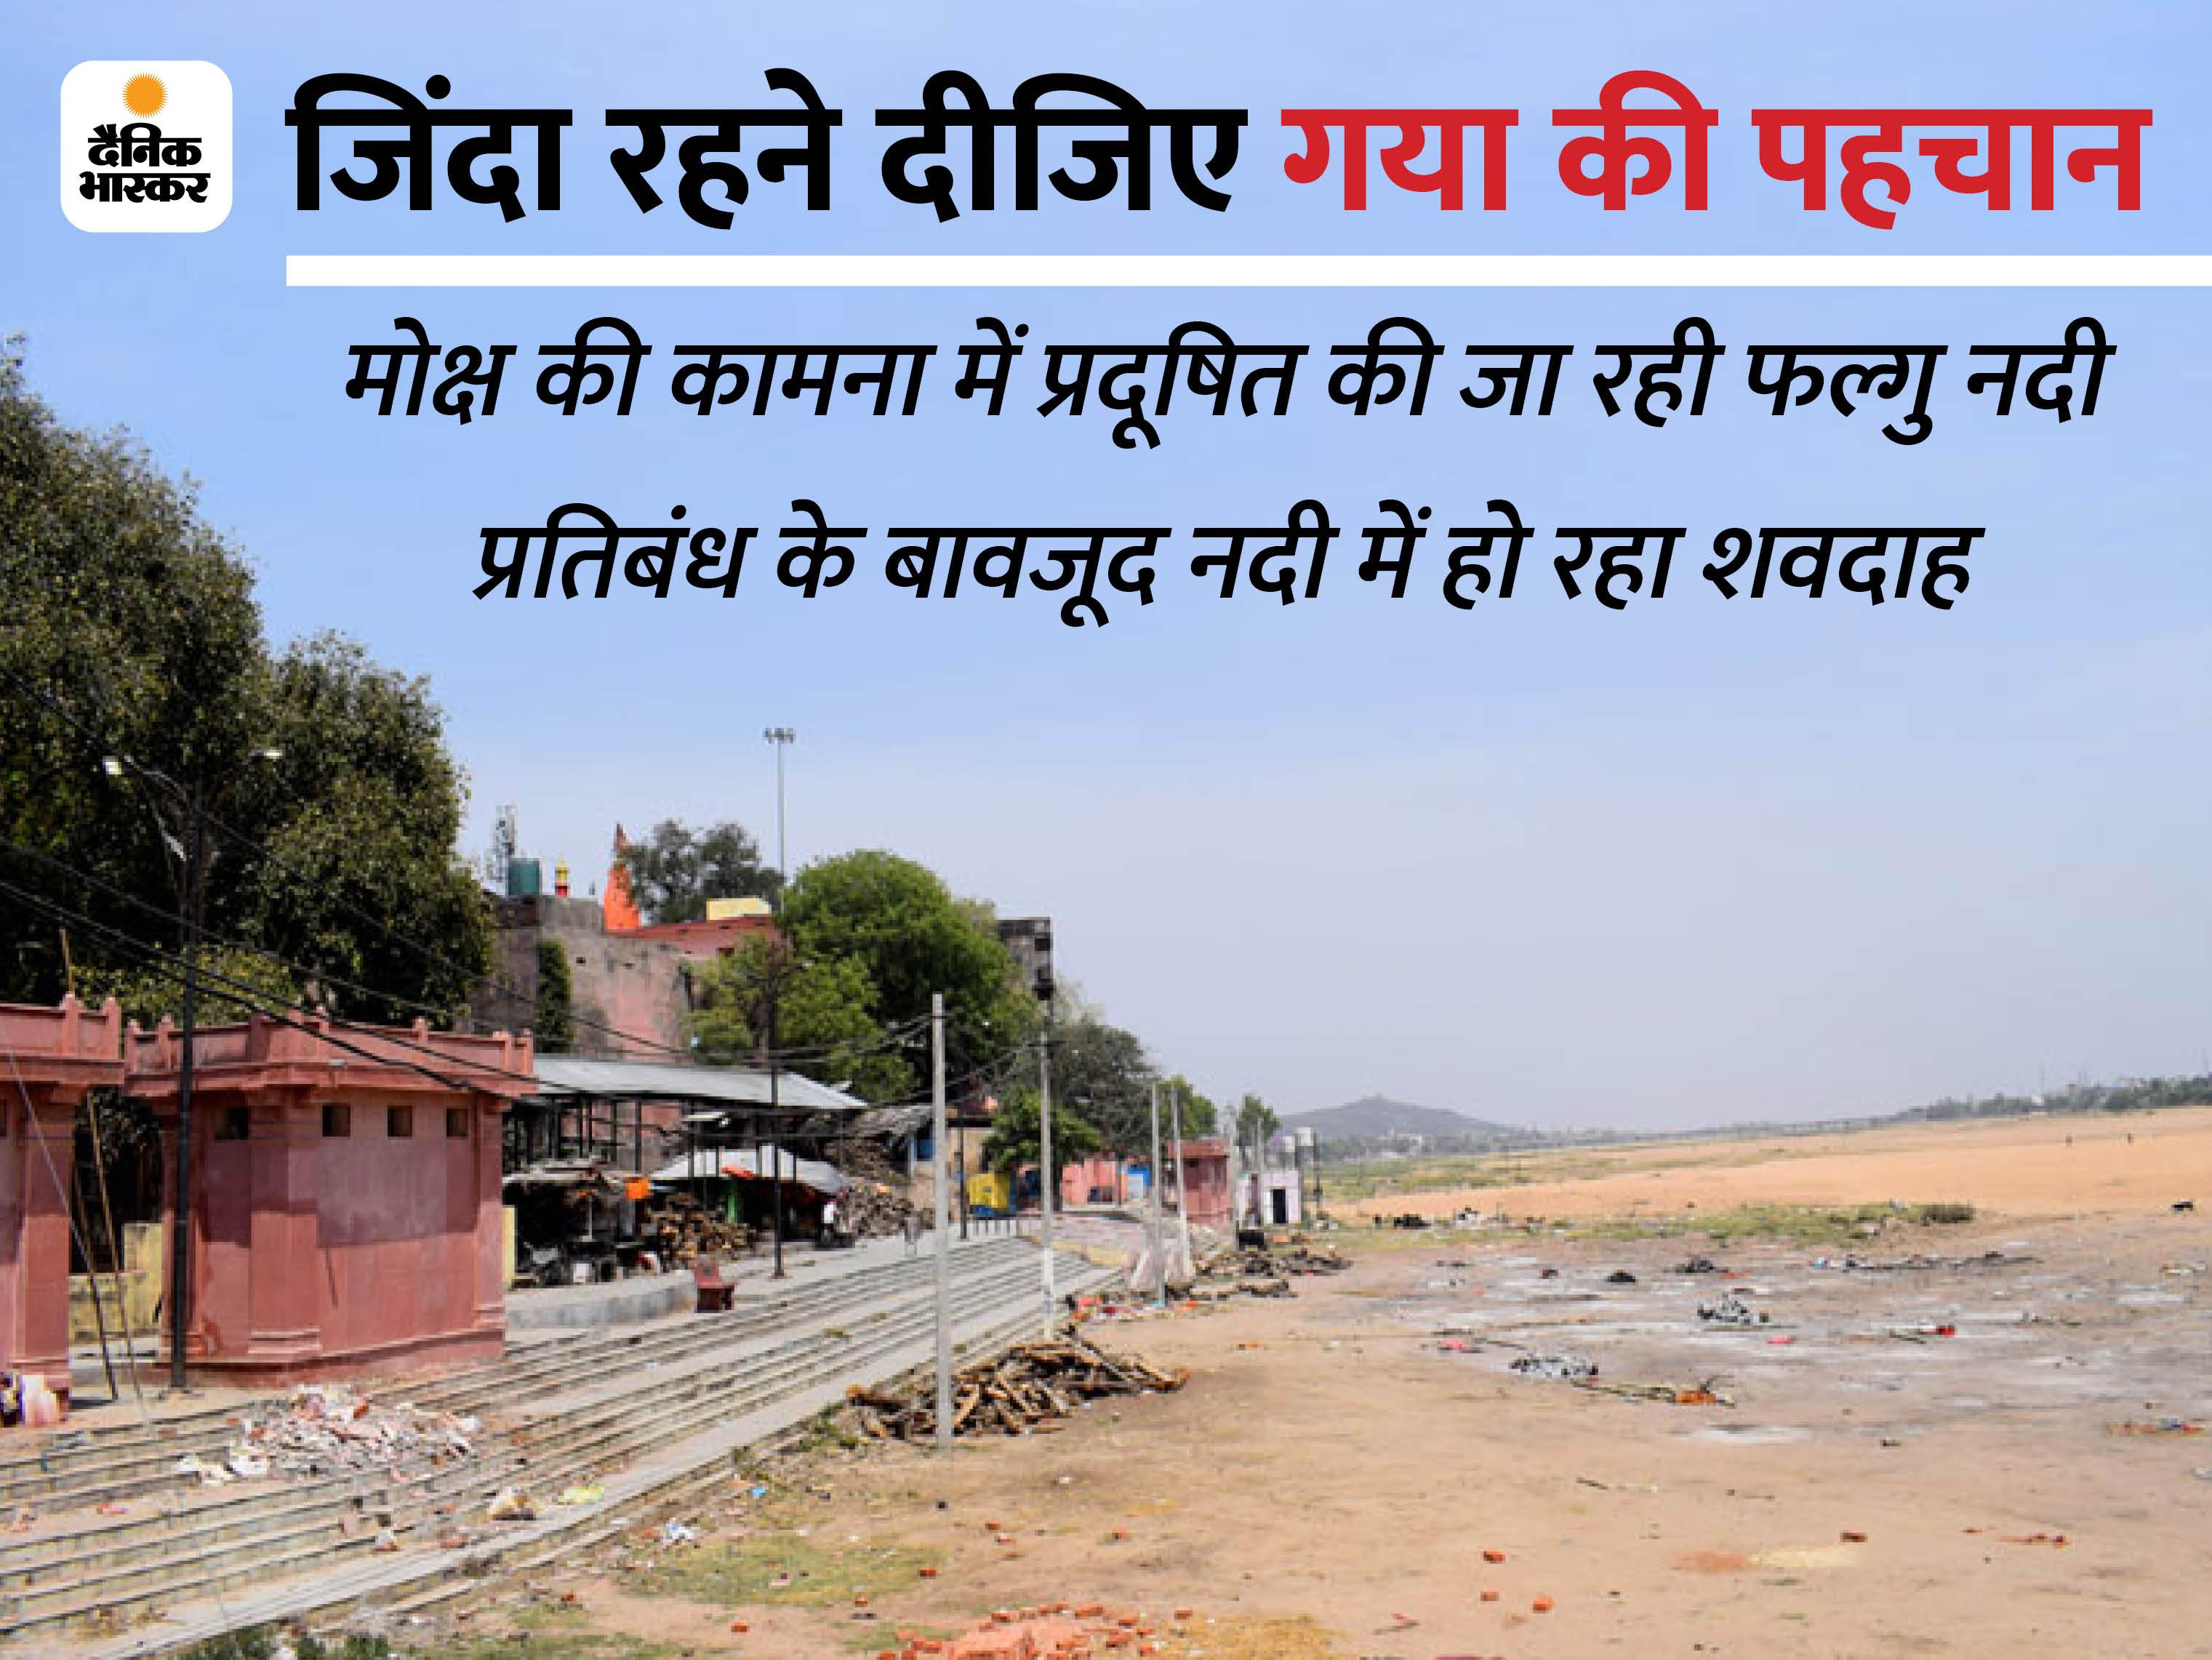 मोक्ष पाने के लिए खतरे में डाला फल्गु नदी का वजूद, पतली धार बन गई 235 KM लंबी नदी, रोक के बावजूद रोज हो रहे 100 से अधिक शवदाह गया,Gaya - Dainik Bhaskar